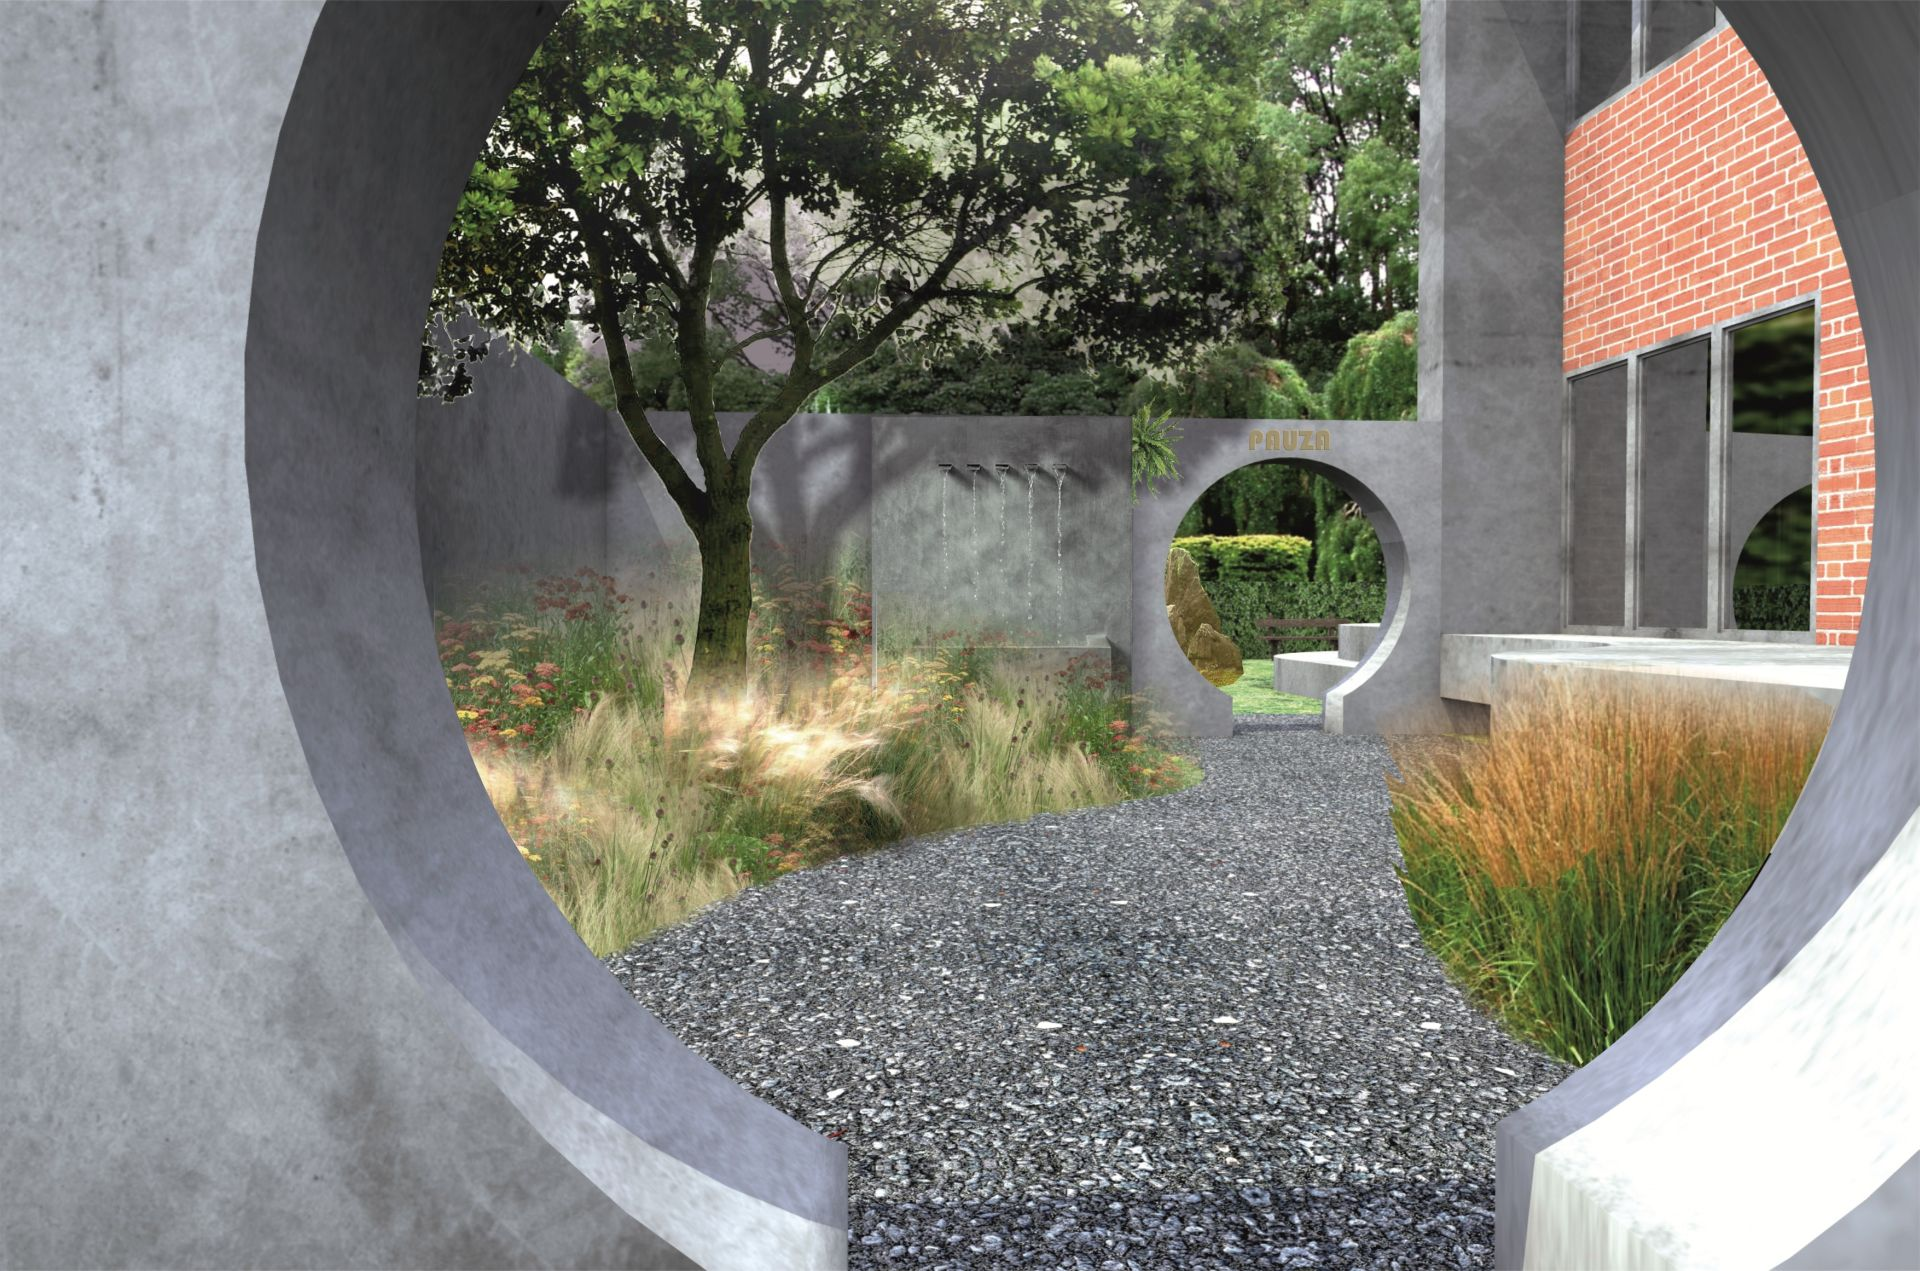 I ogród 1.jpg